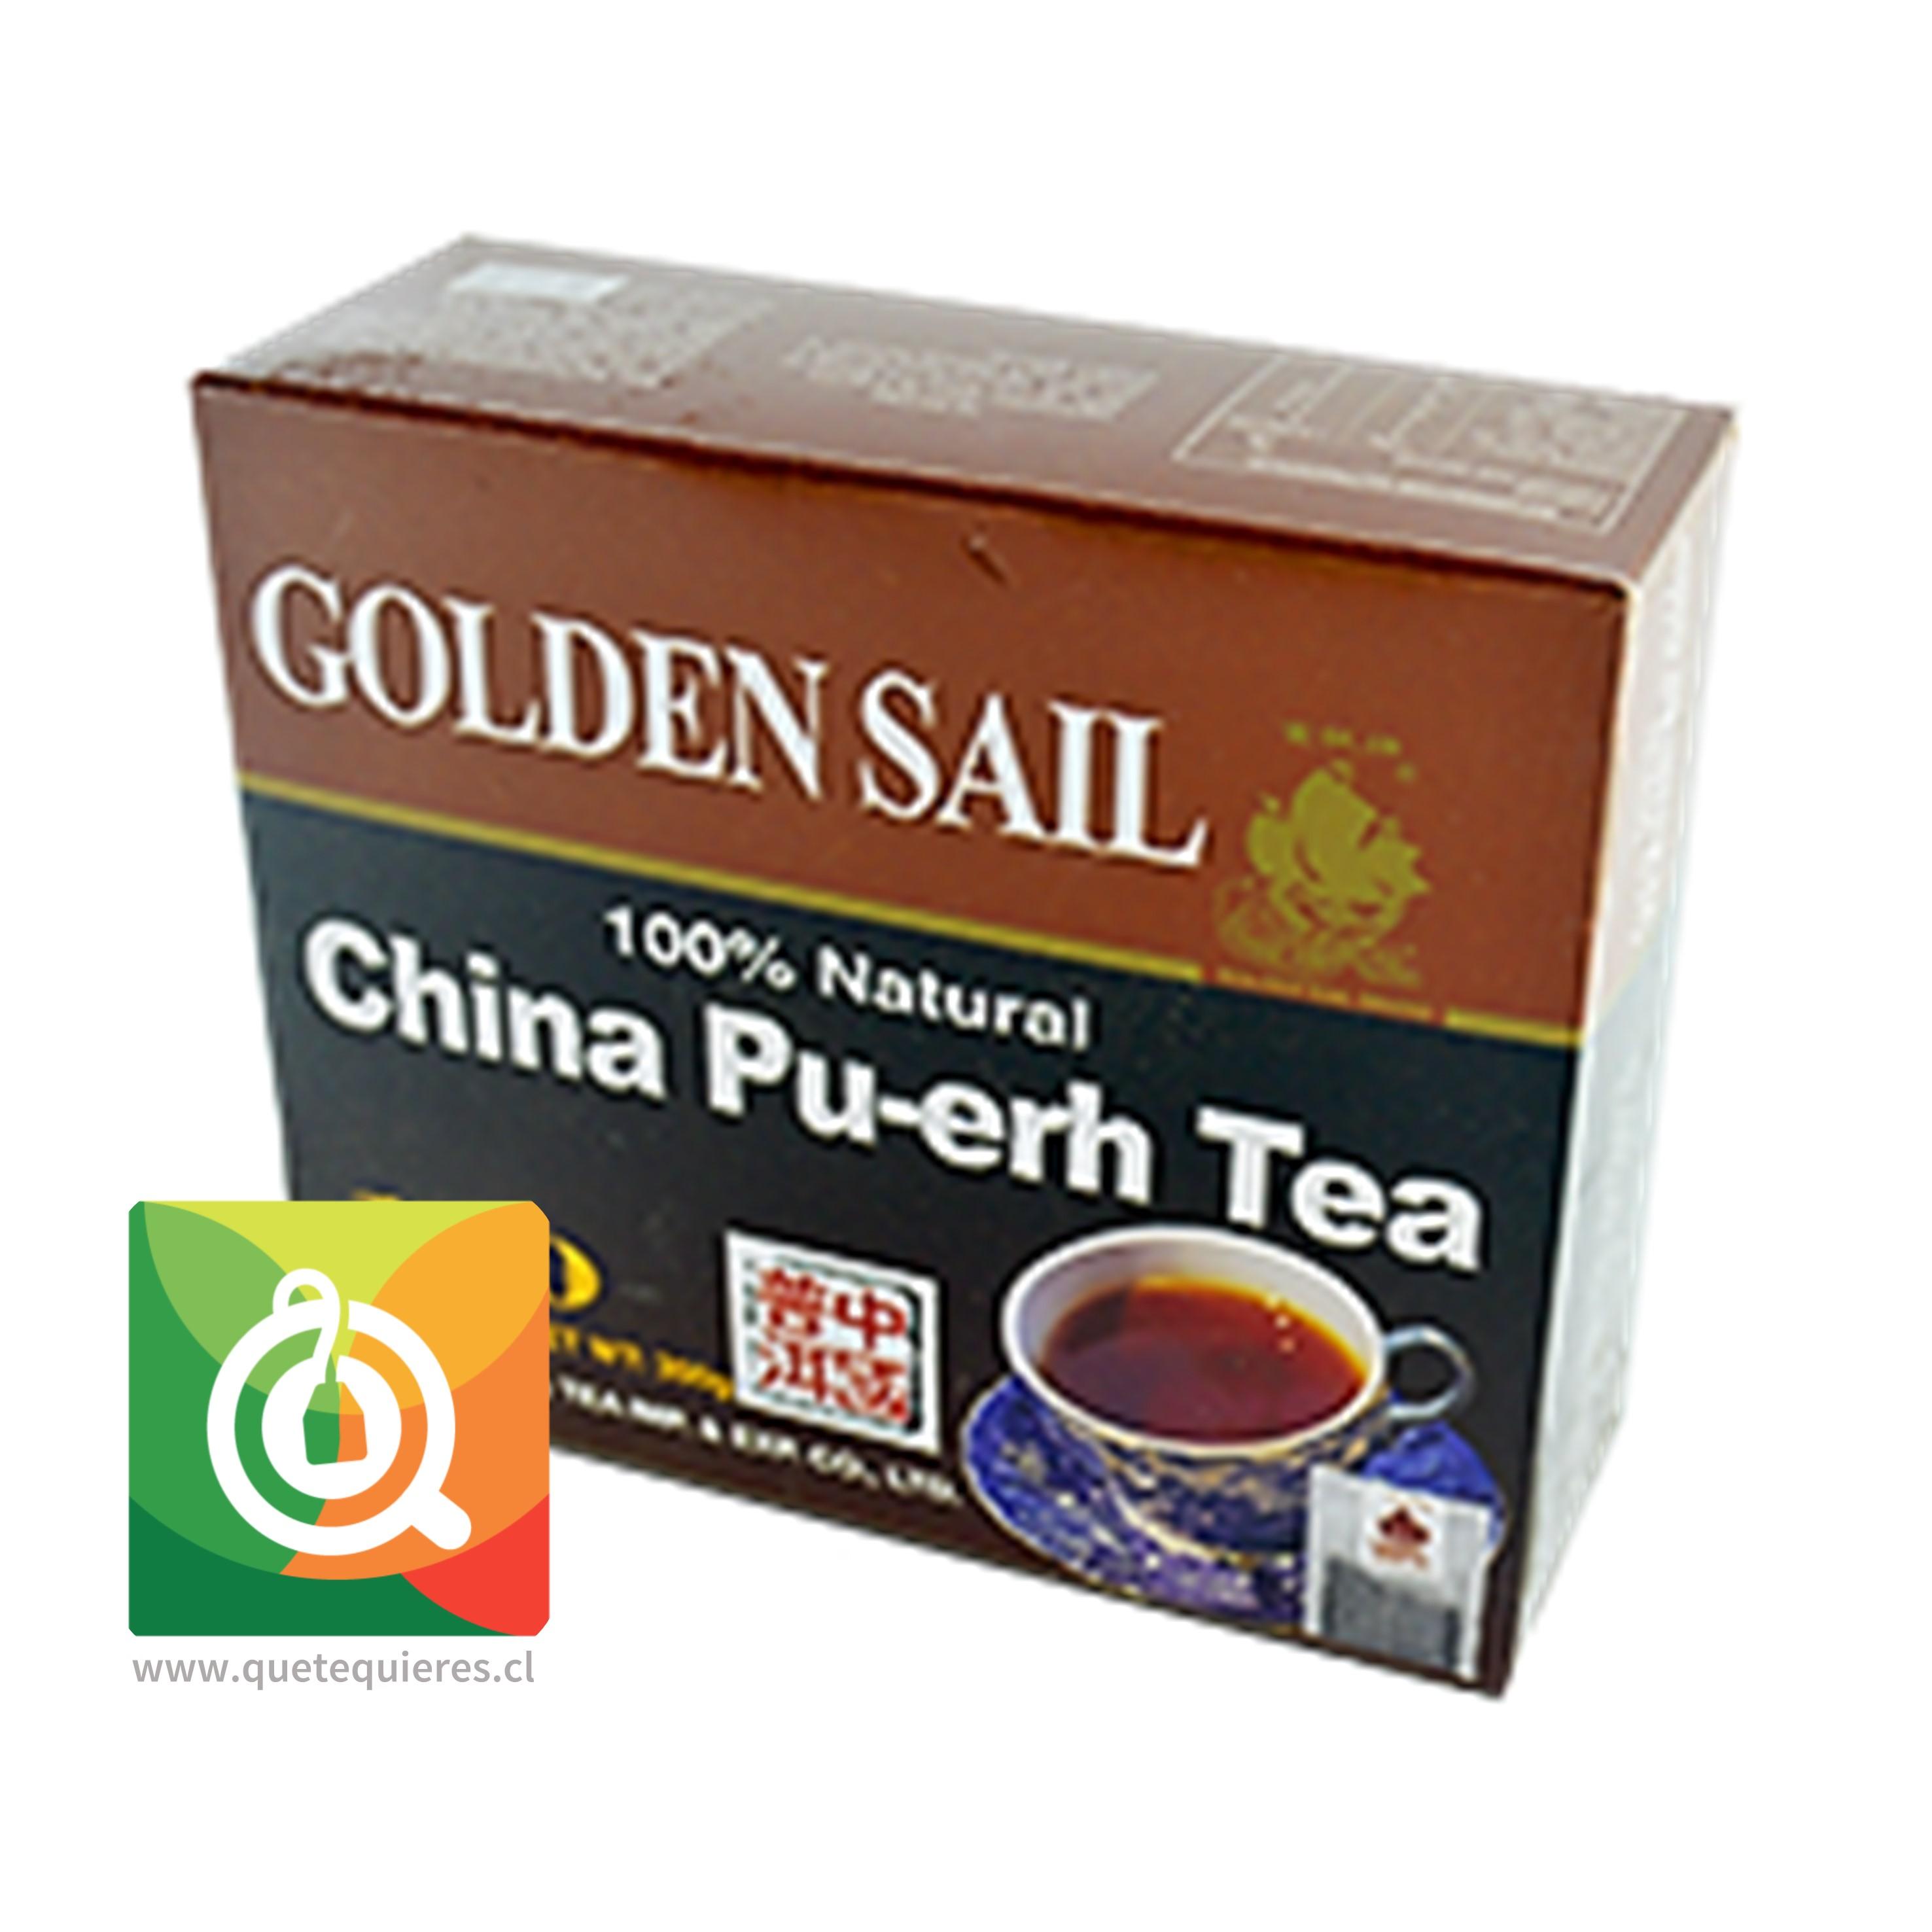 Golden Sail Té Pu-erh